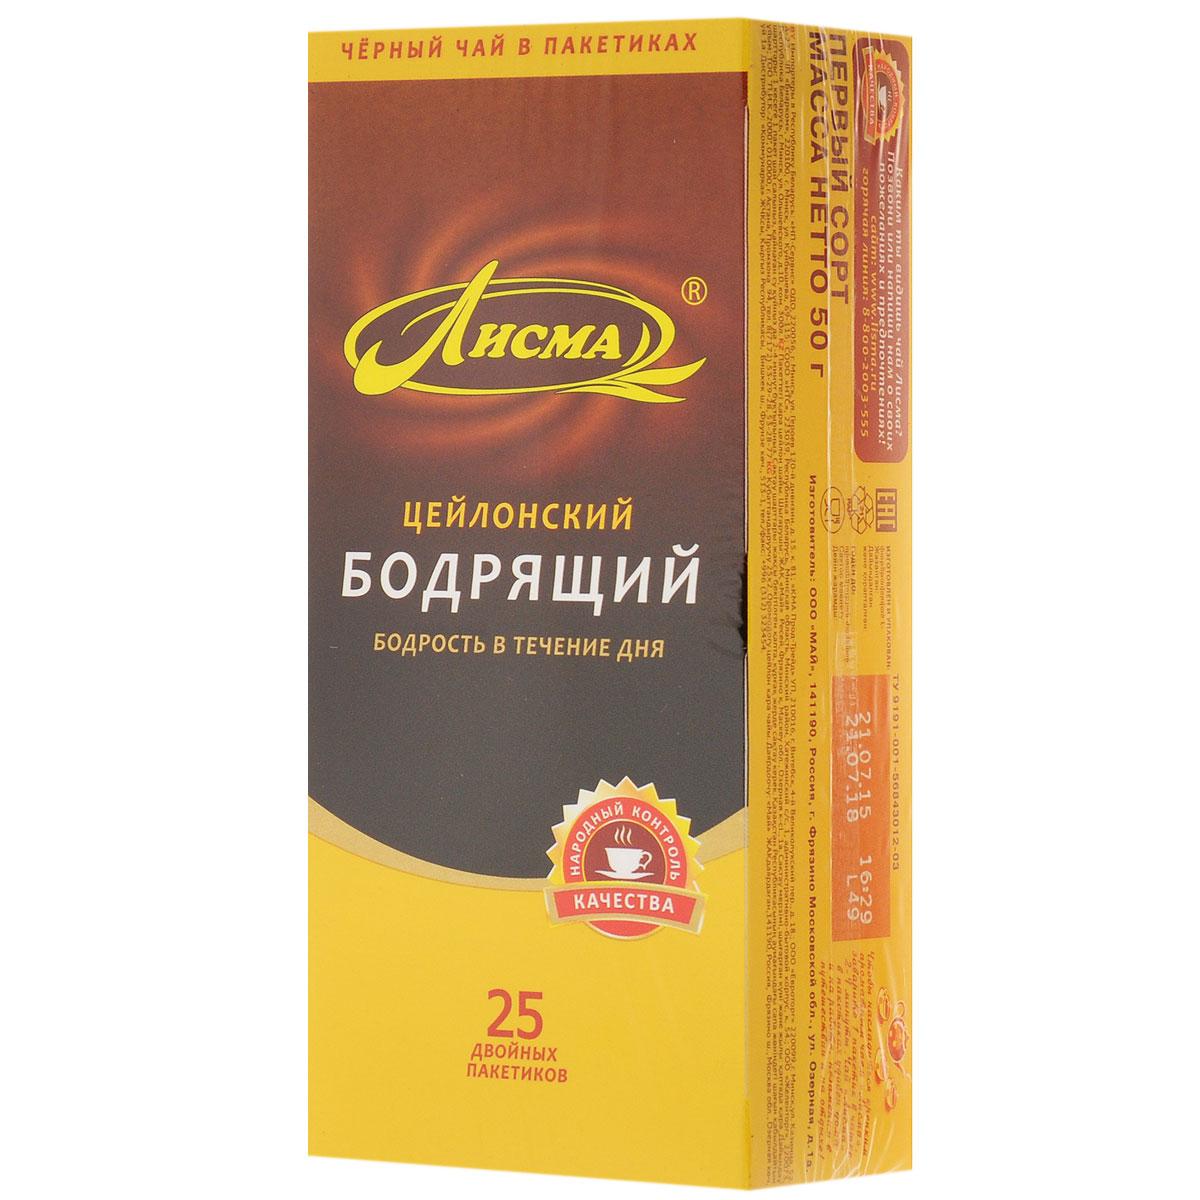 Лисма Бодрящий черный чай в пакетиках, 25 шт0120710Лисма Бодрящий - индийский черный байховый чай в пакетиках. Коробка содержит 25 пакетиков по 2 грамма.